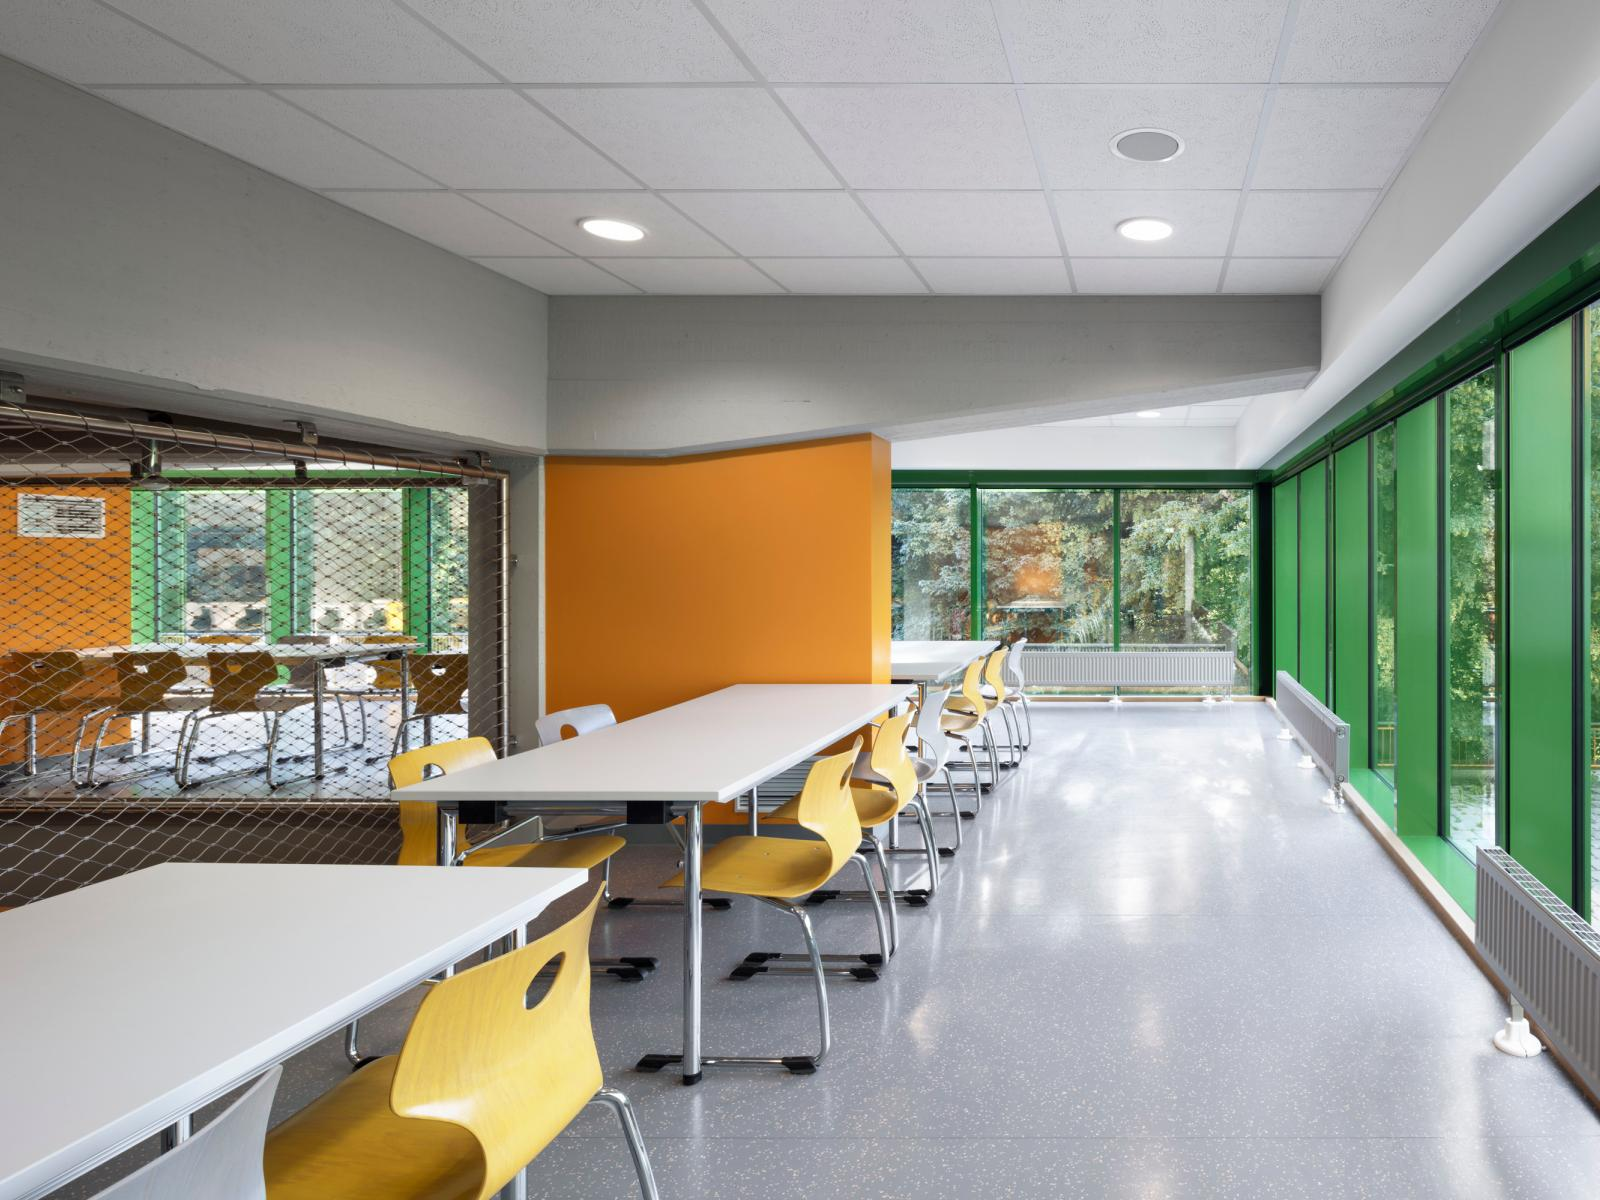 Schulzentrum Erweiterung Sanierung Haan Speiseraum